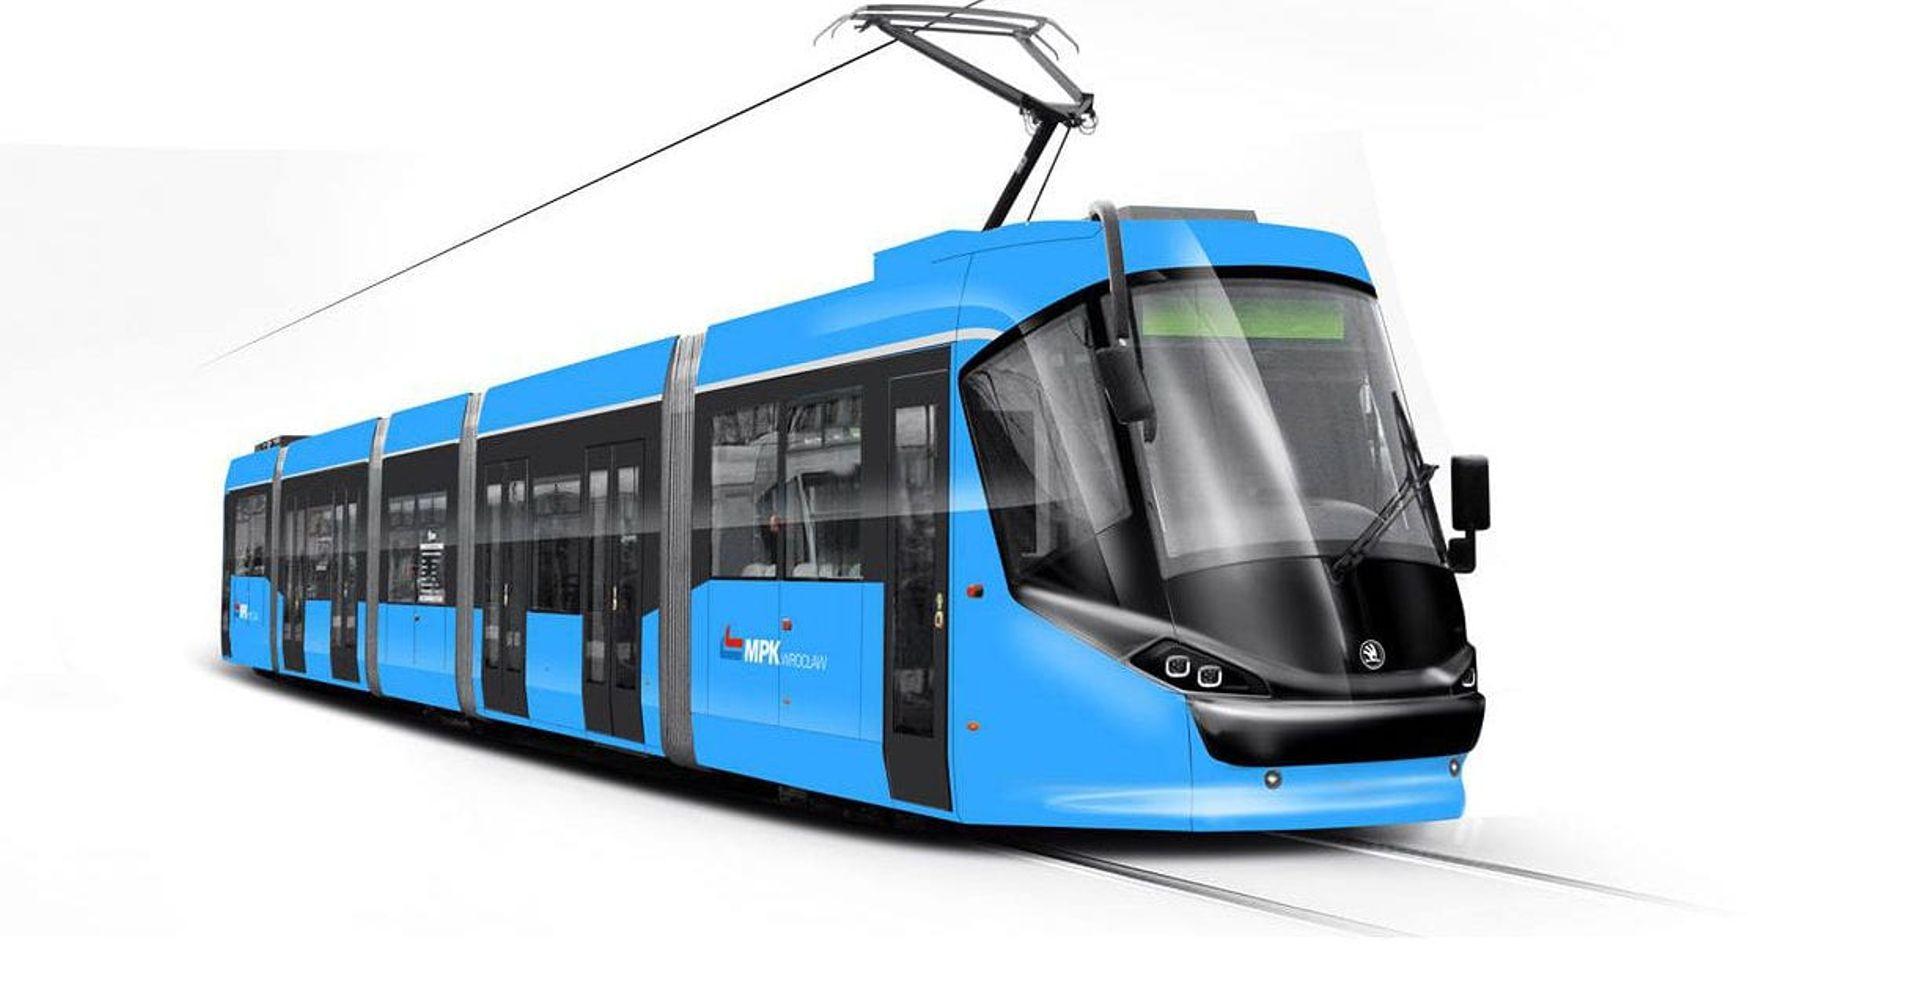 Trwa generalny remont pierwszego z siedemnastu tramwajów Skoda 16T [ZDJĘCIA + WIZUALIZACJE]